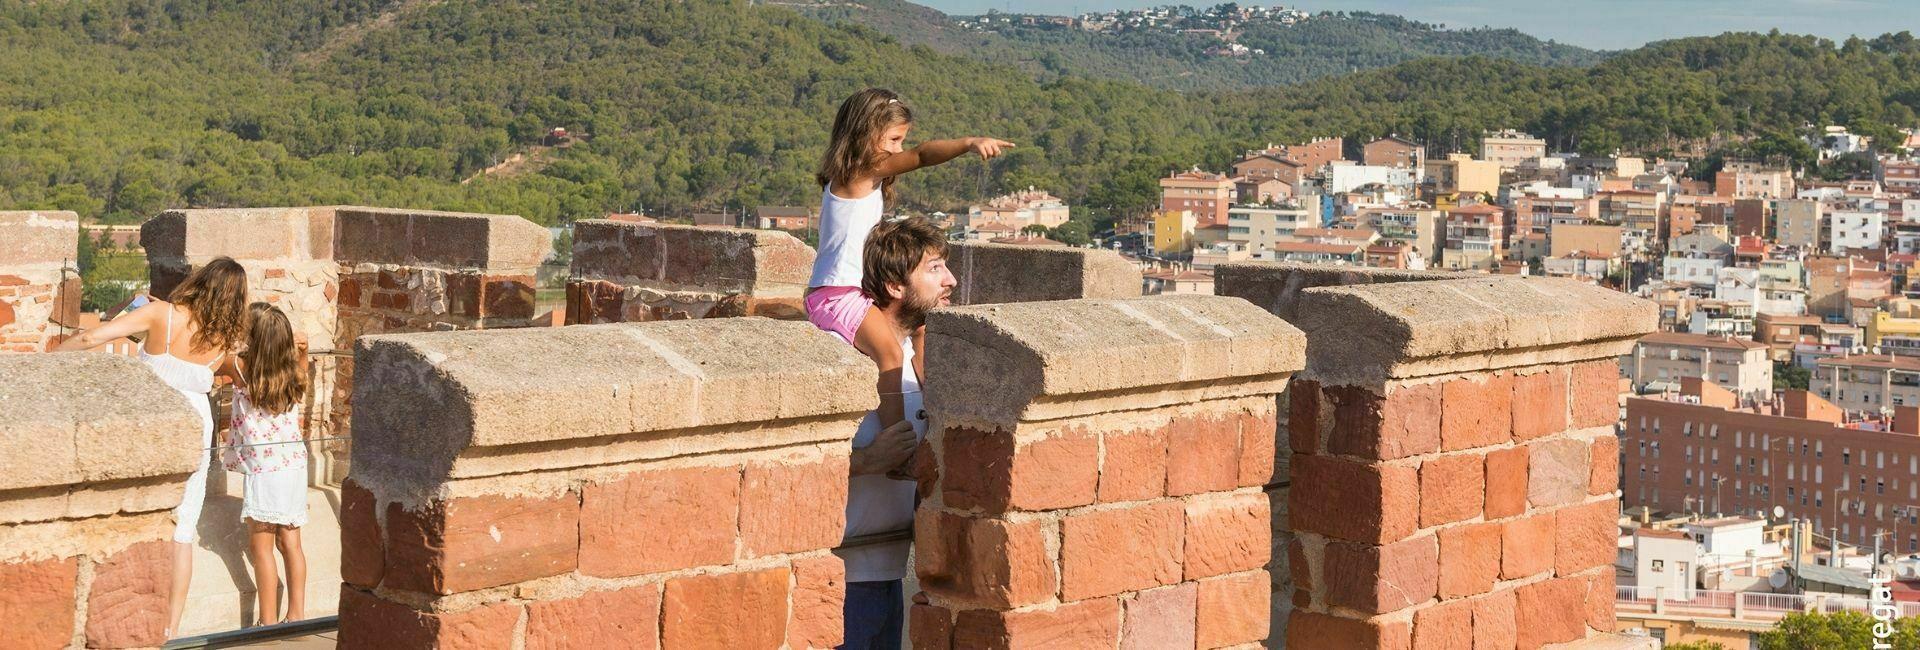 Cosas que hacer en familia en Castelldefels